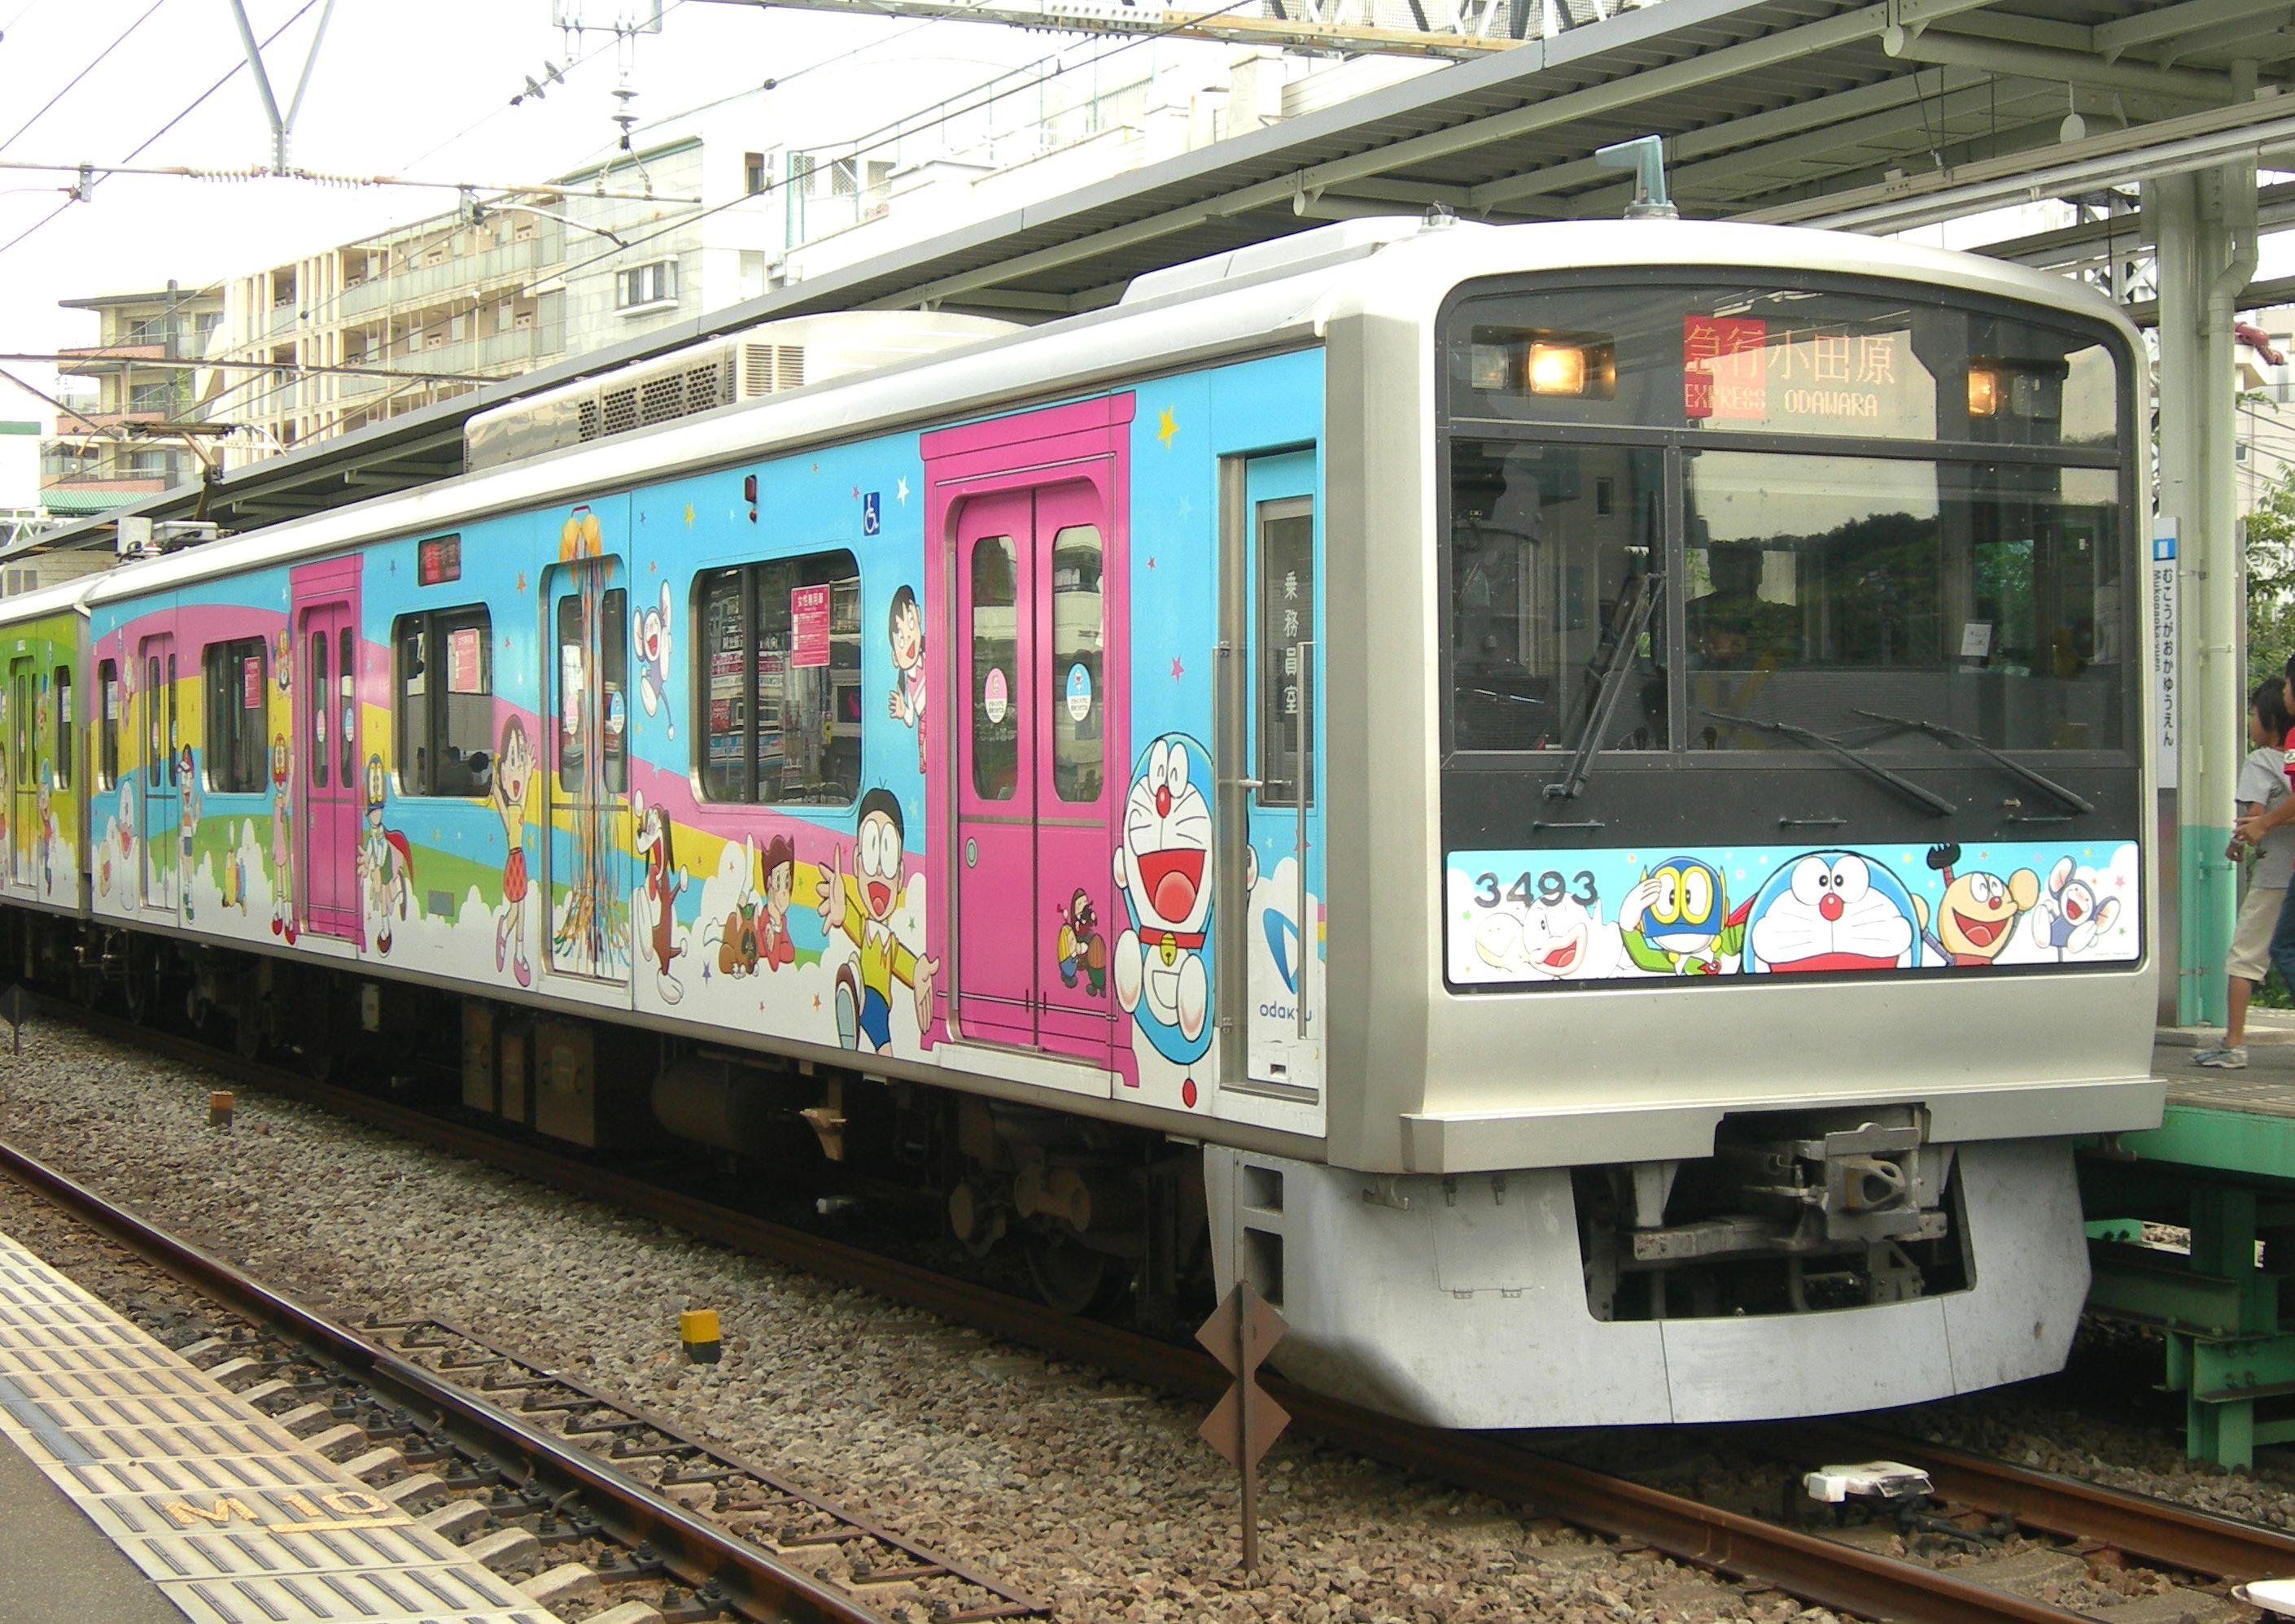 F-Train_of_OER-3493.jpg